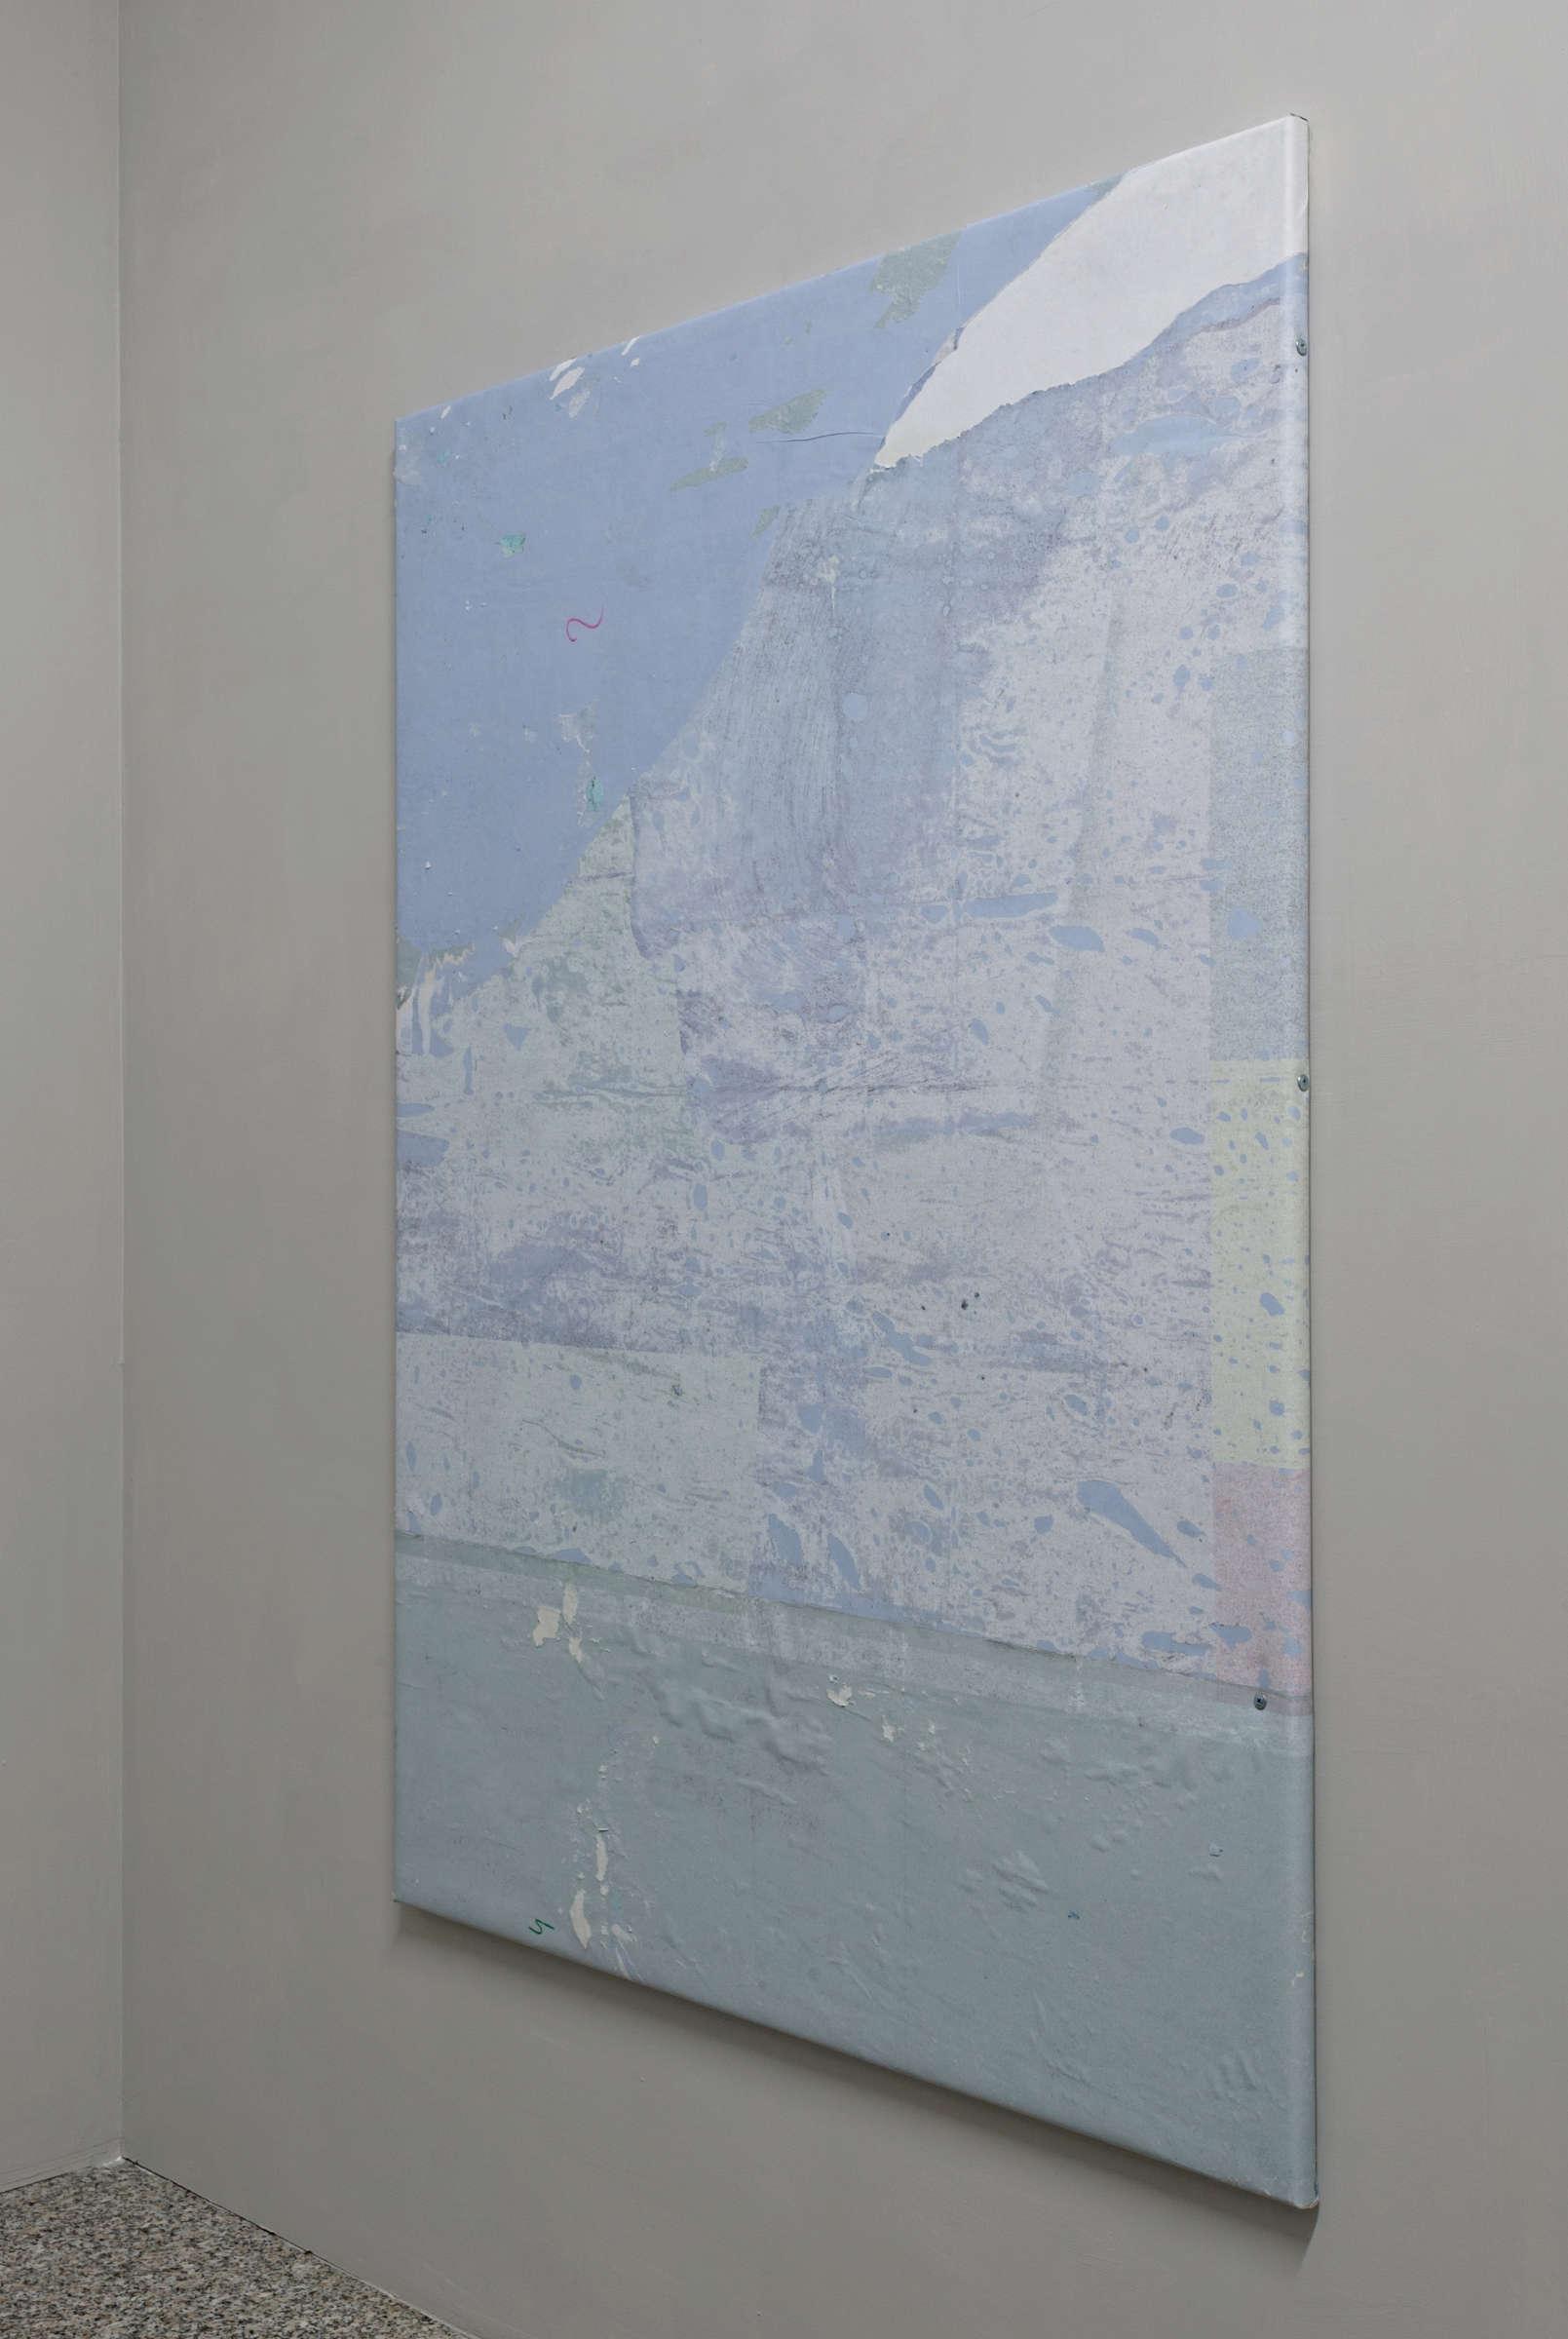 0a. Simon Laureyns, Untitled, paper, 140x100cm, 2016